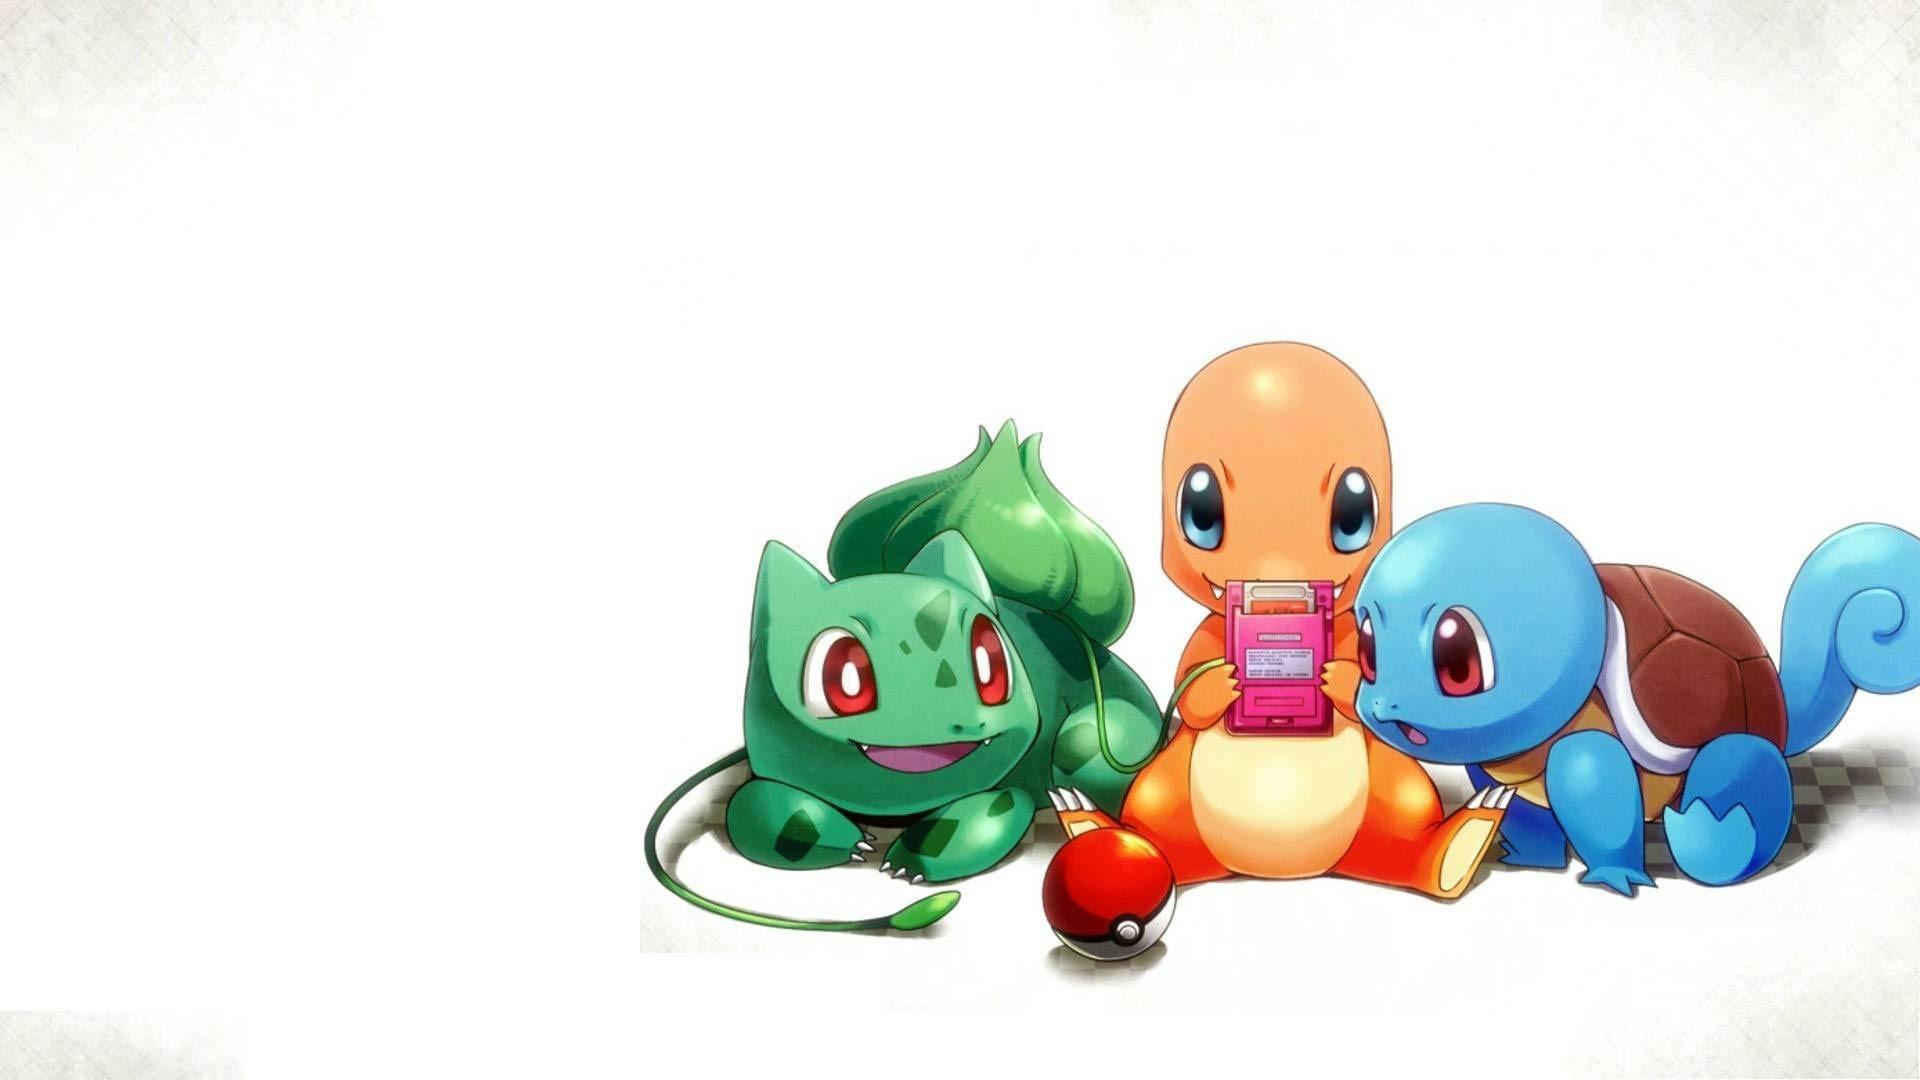 Cute Starter Pokemon Go New Wallpaper Wallpaper